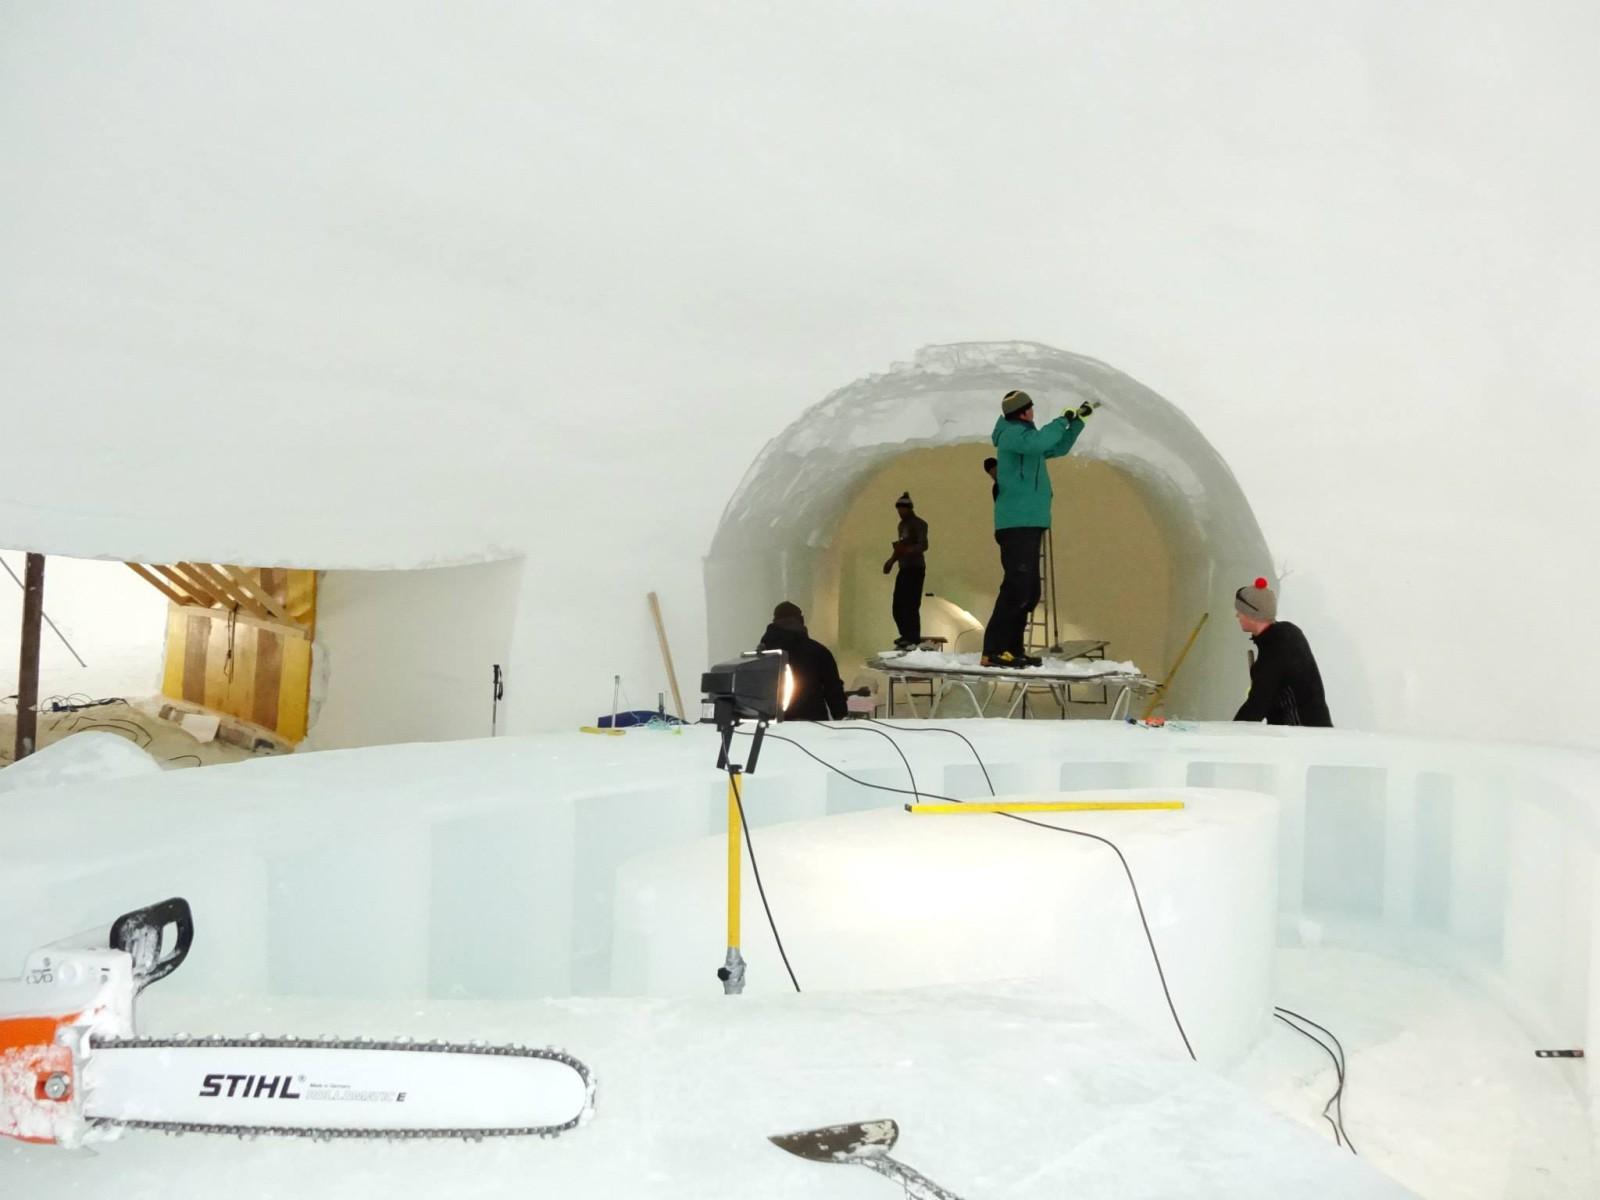 Die Eisbar und die Tunnelgänge entstehen.